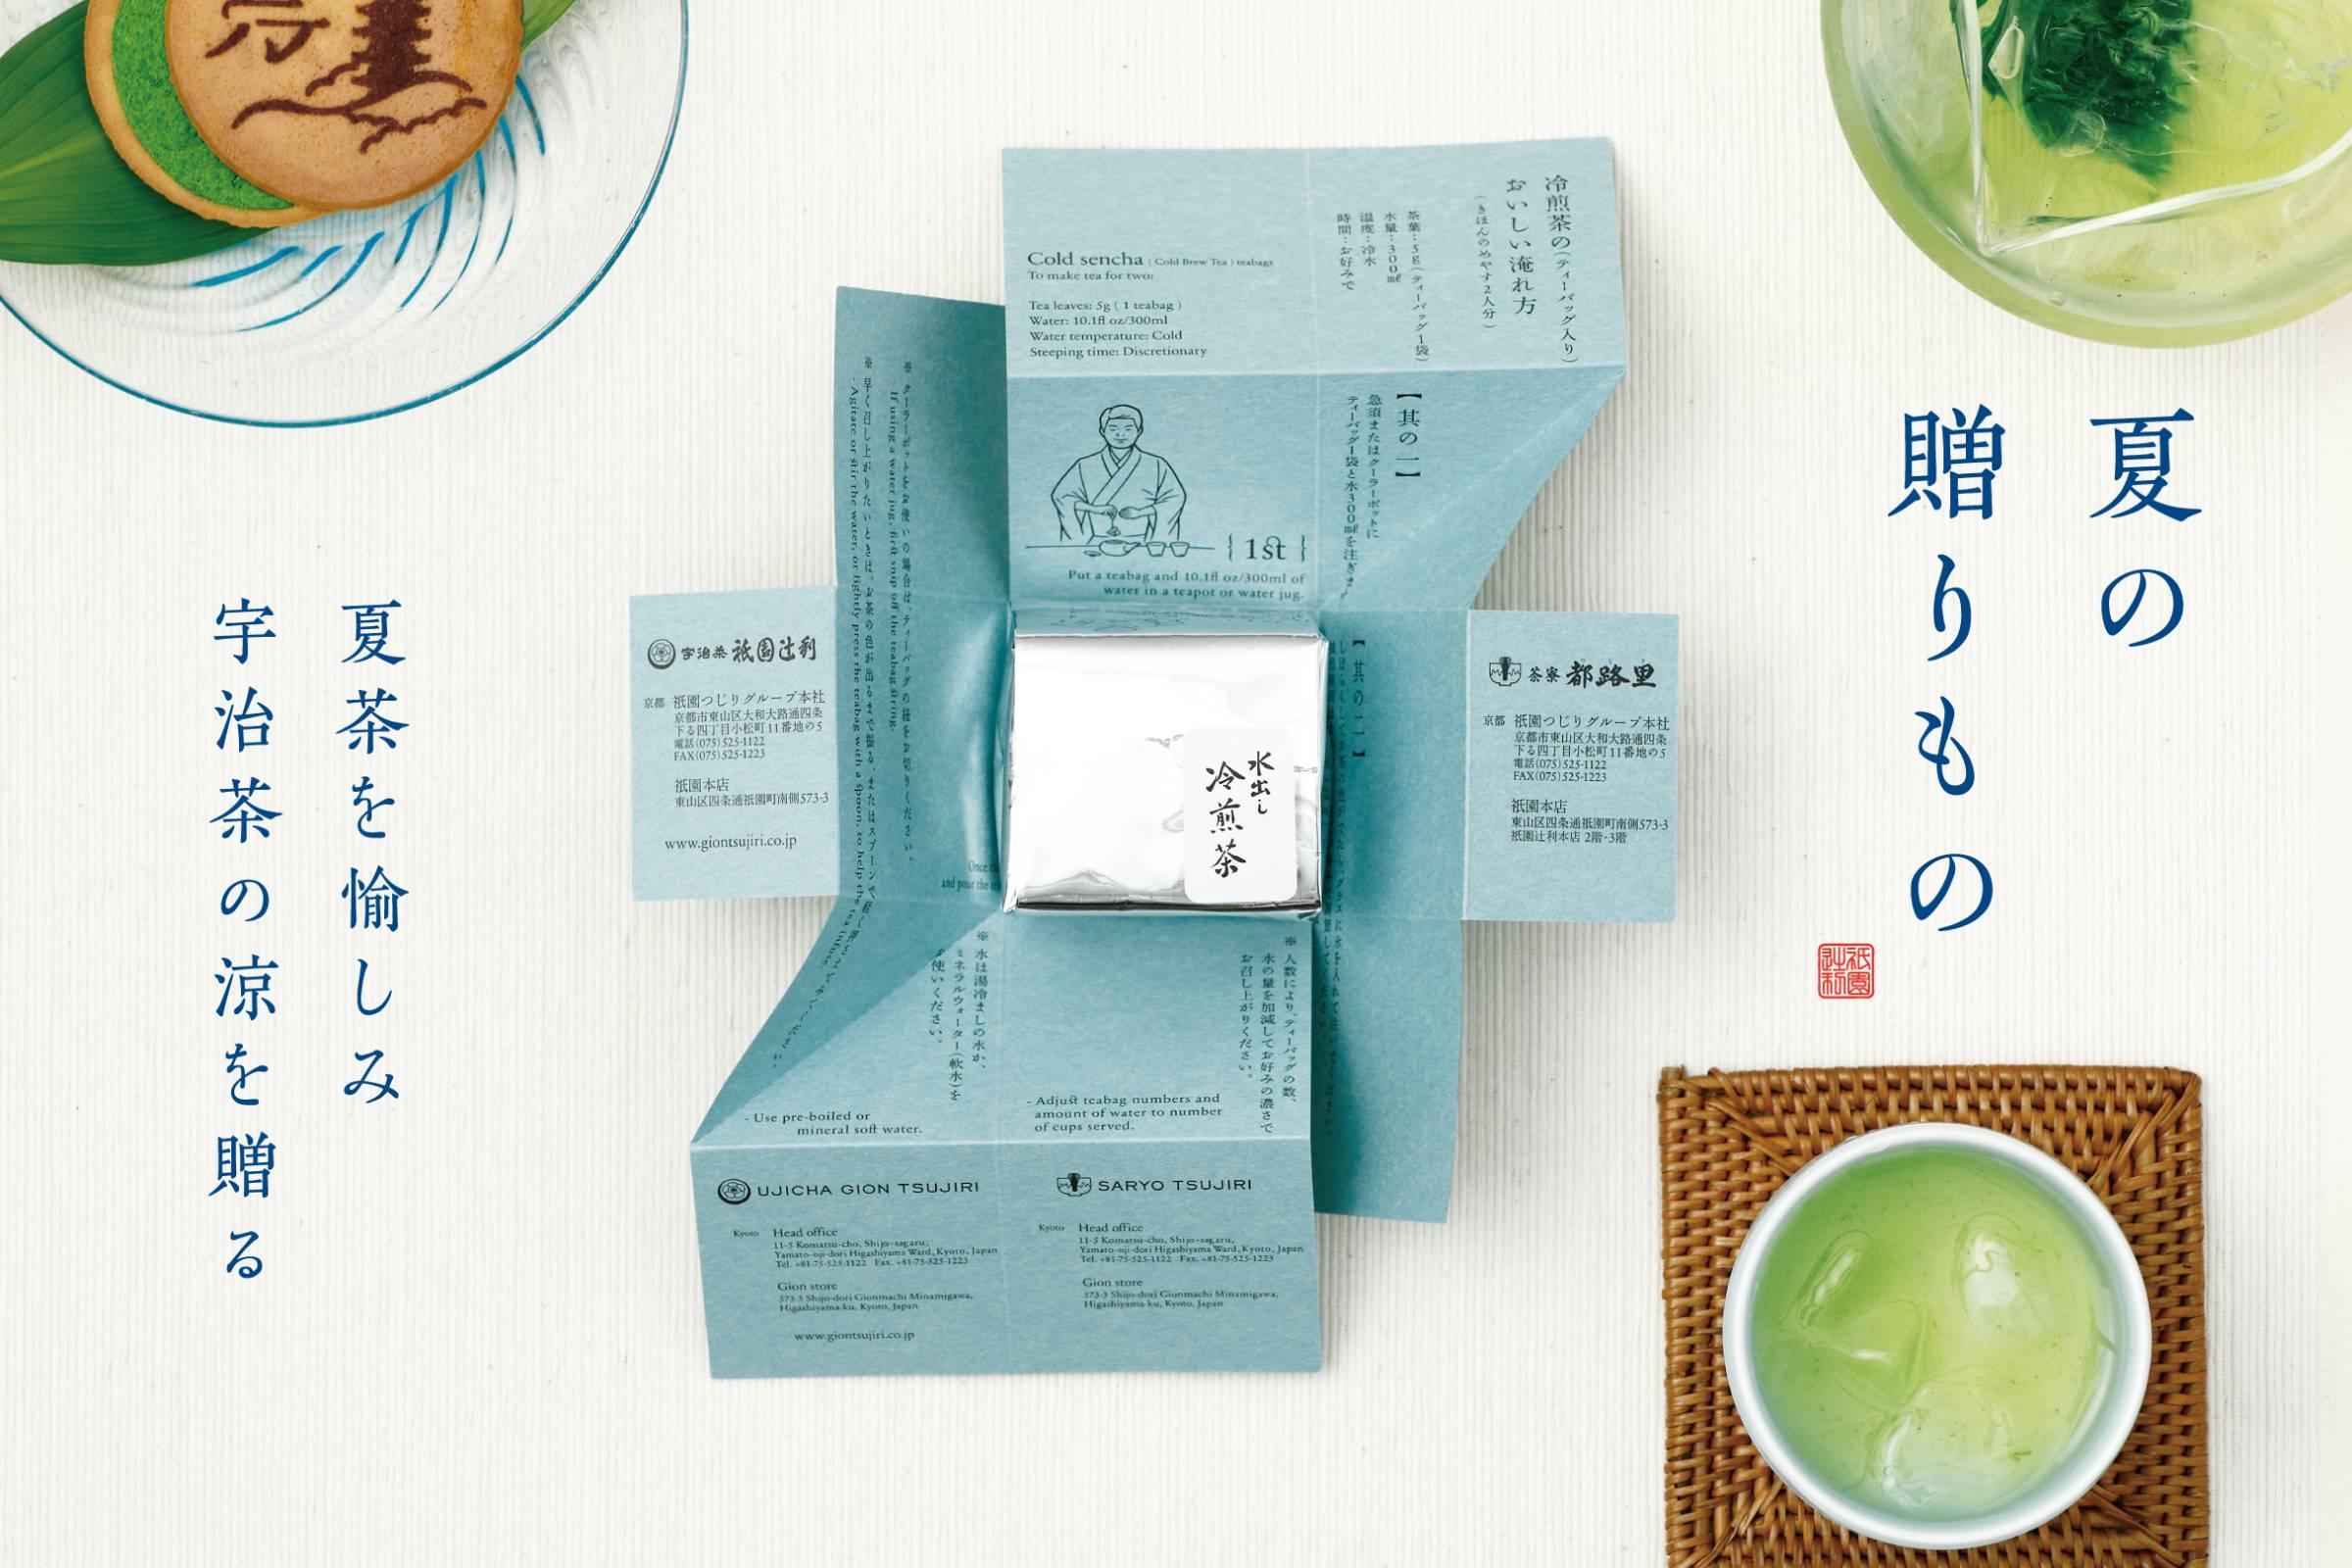 訂日本茶老鋪宇治茶祇園辻利夏季水出冷煎茶冷泡茶7袋盒裝